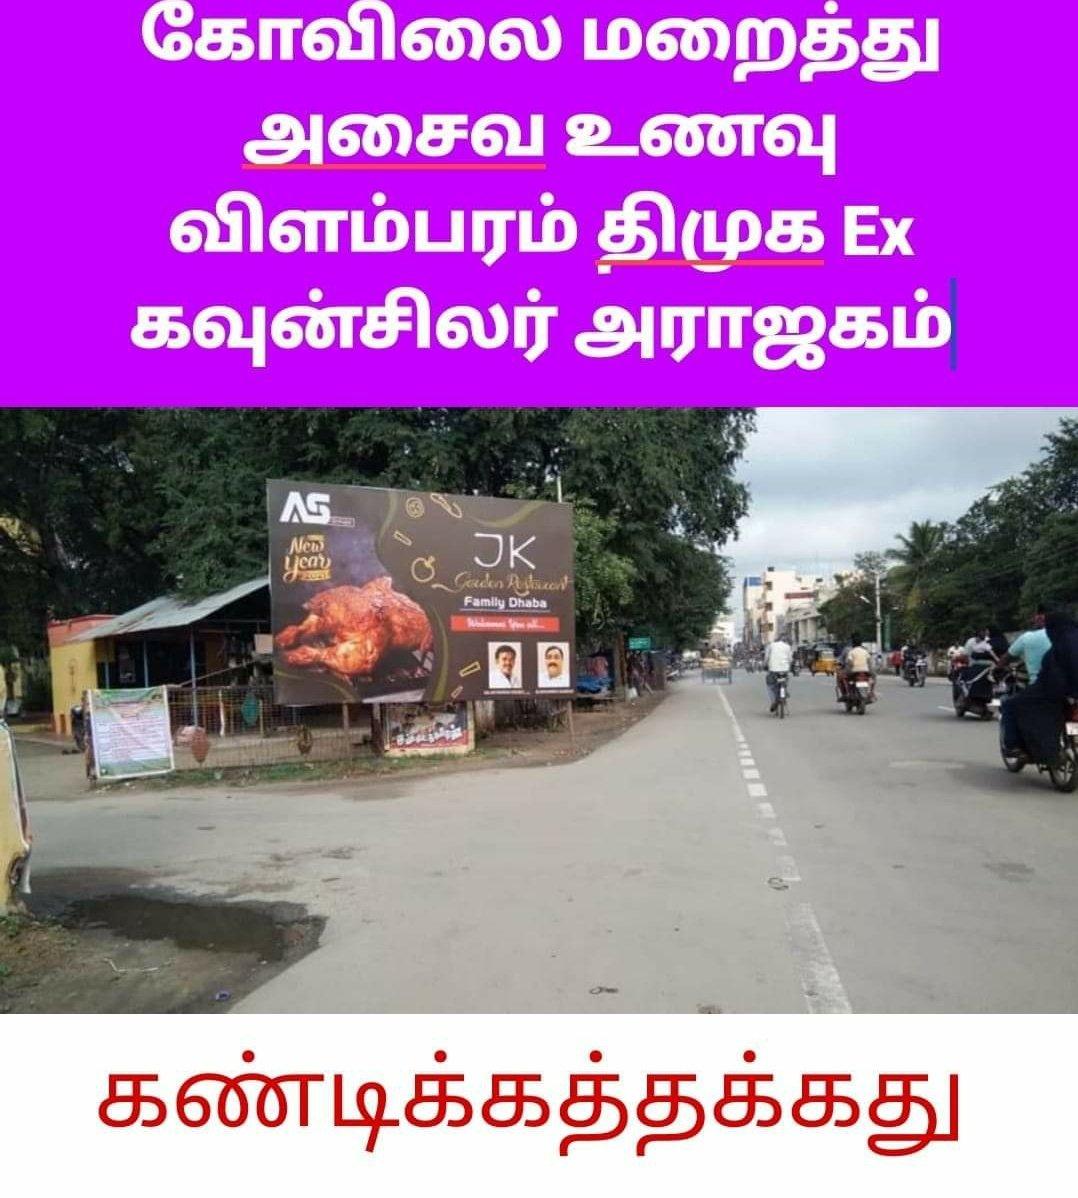 Replying to @Scorpion1033: கிருஷ்ணகிரியில் இந்துக்கள் இருக்கிங்களா?